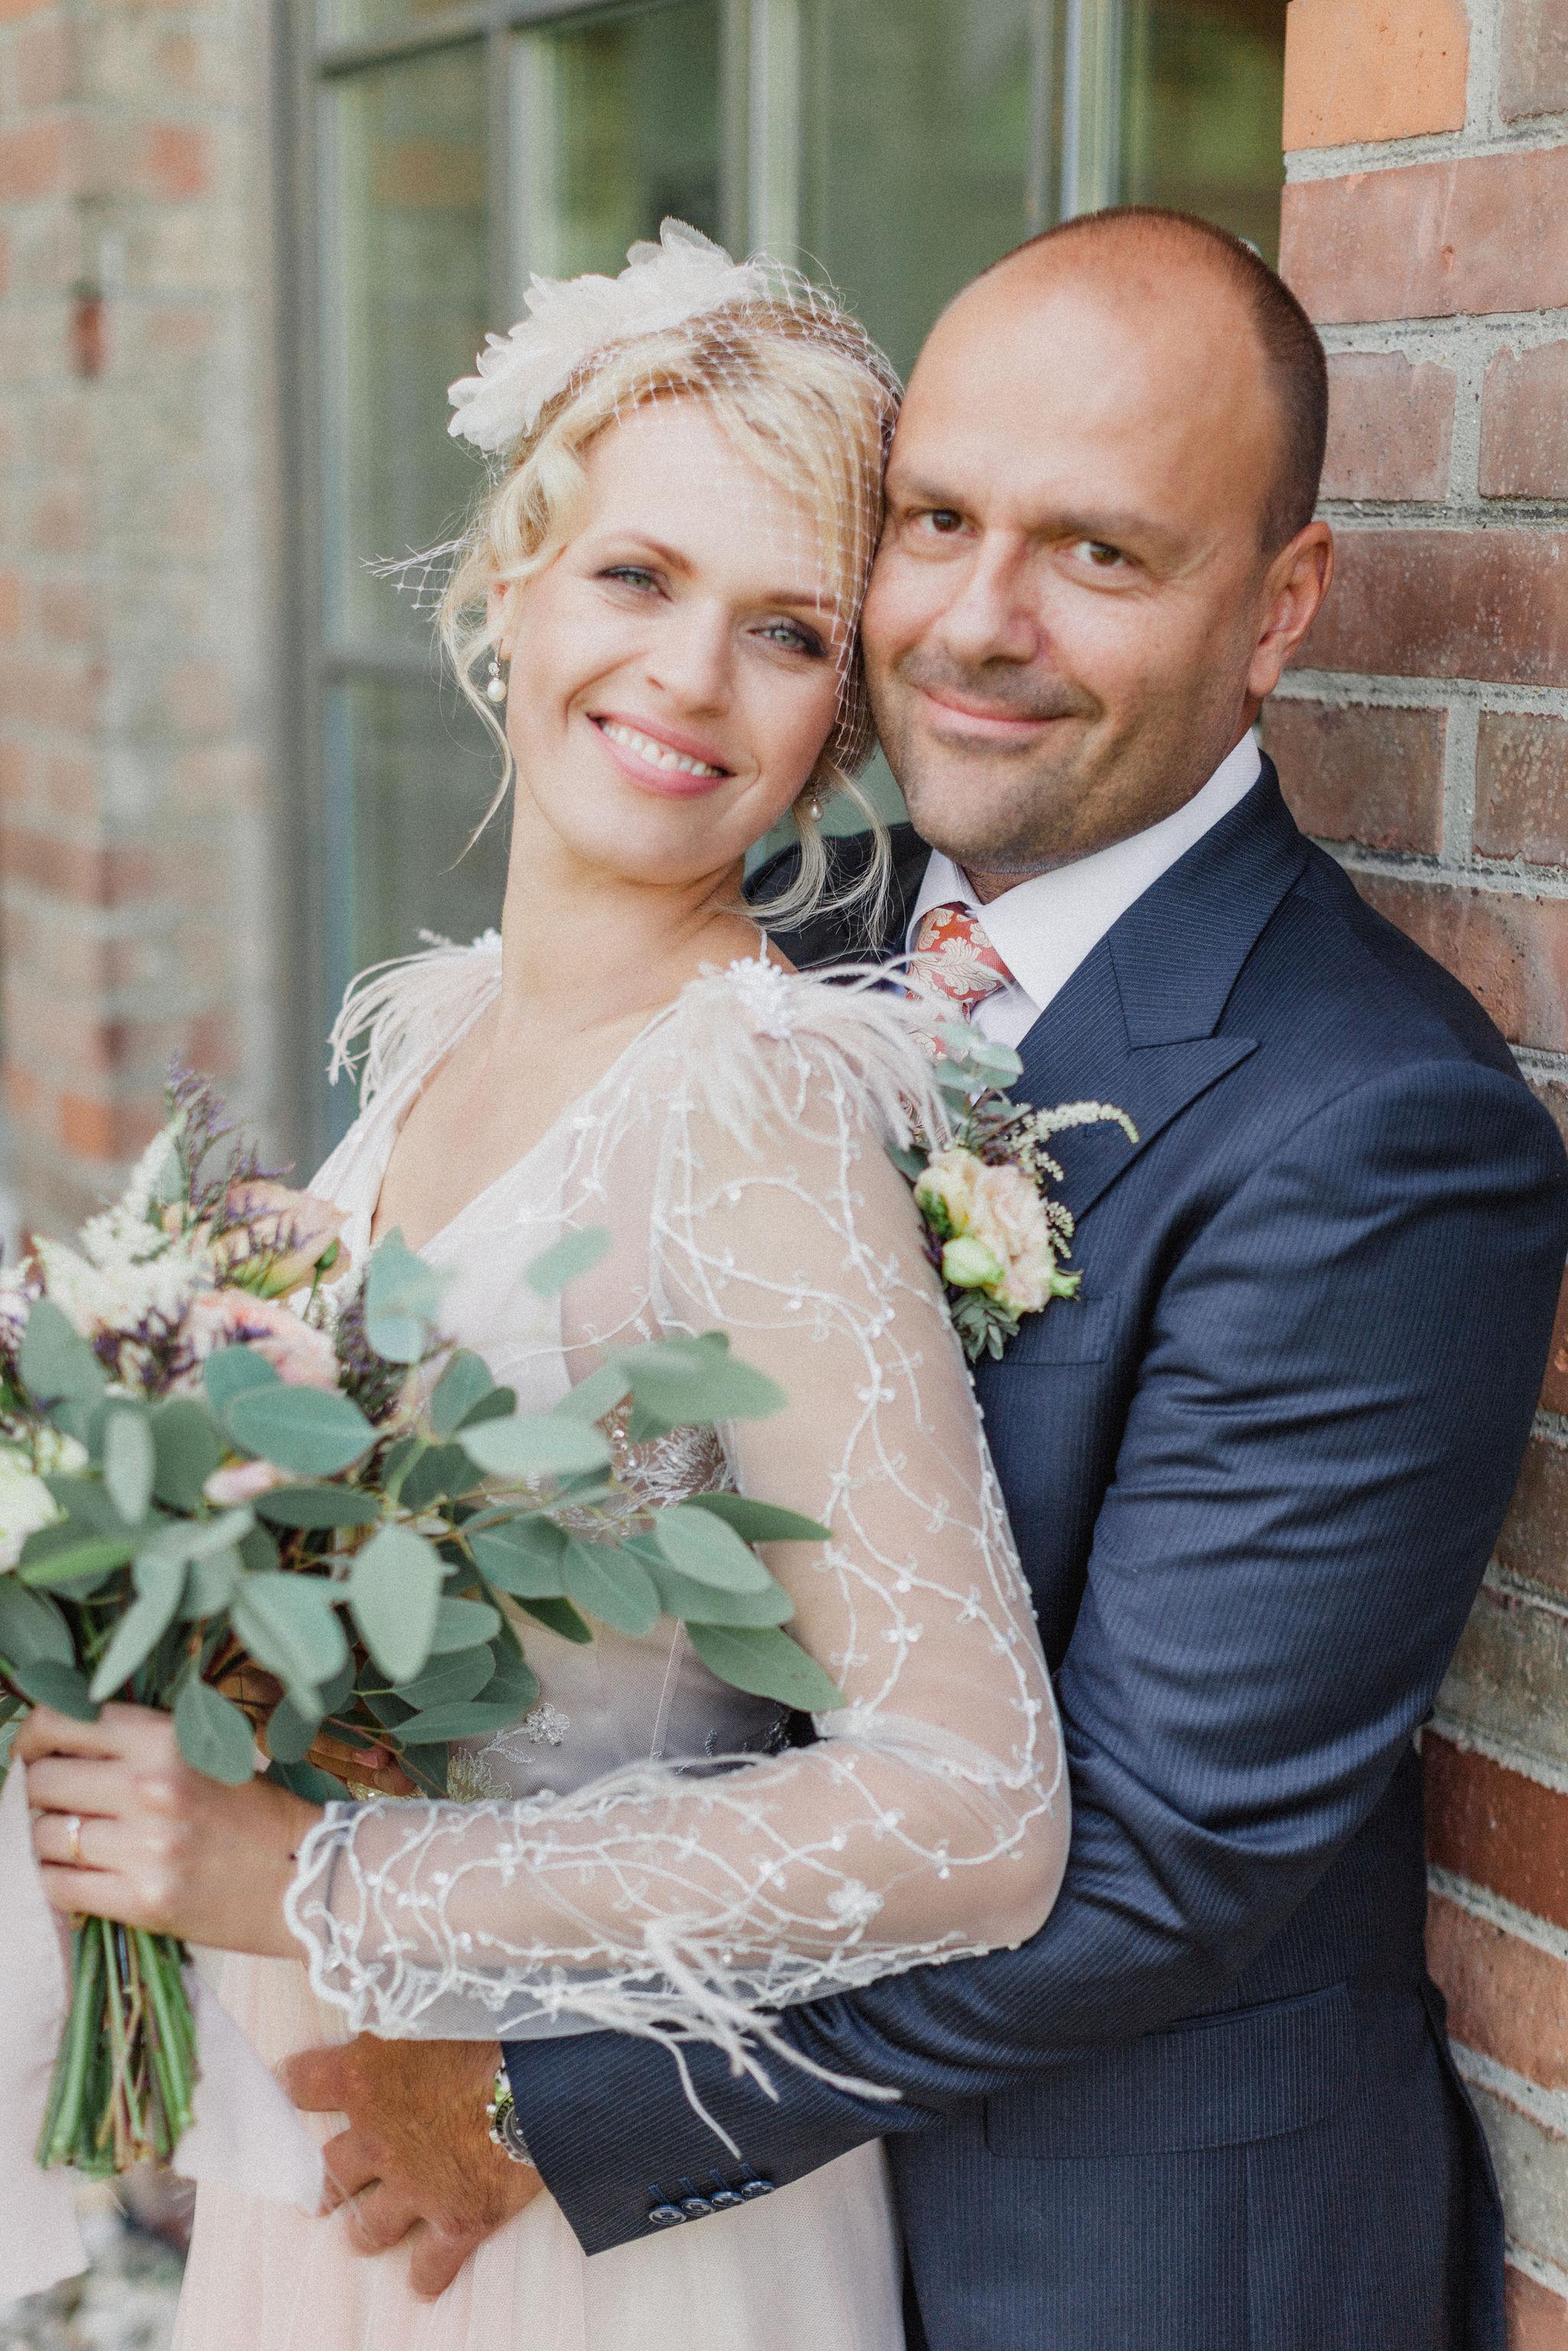 svadba_iva&jaro_133